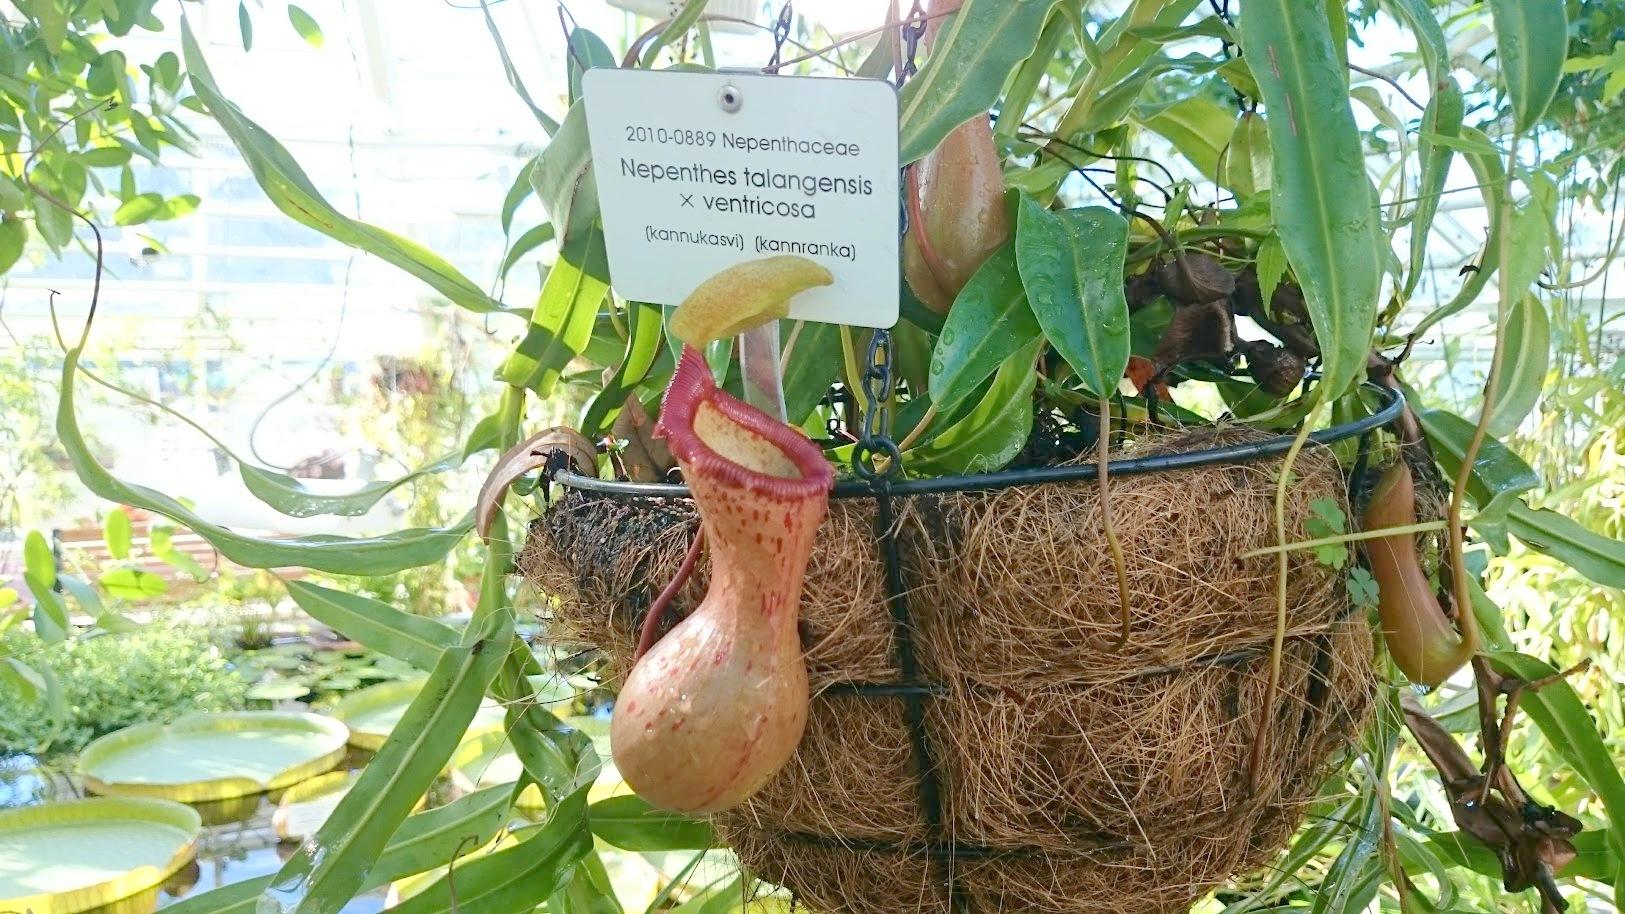 Kaisaniemen kasvitieteellinen puutarha kannukasvi